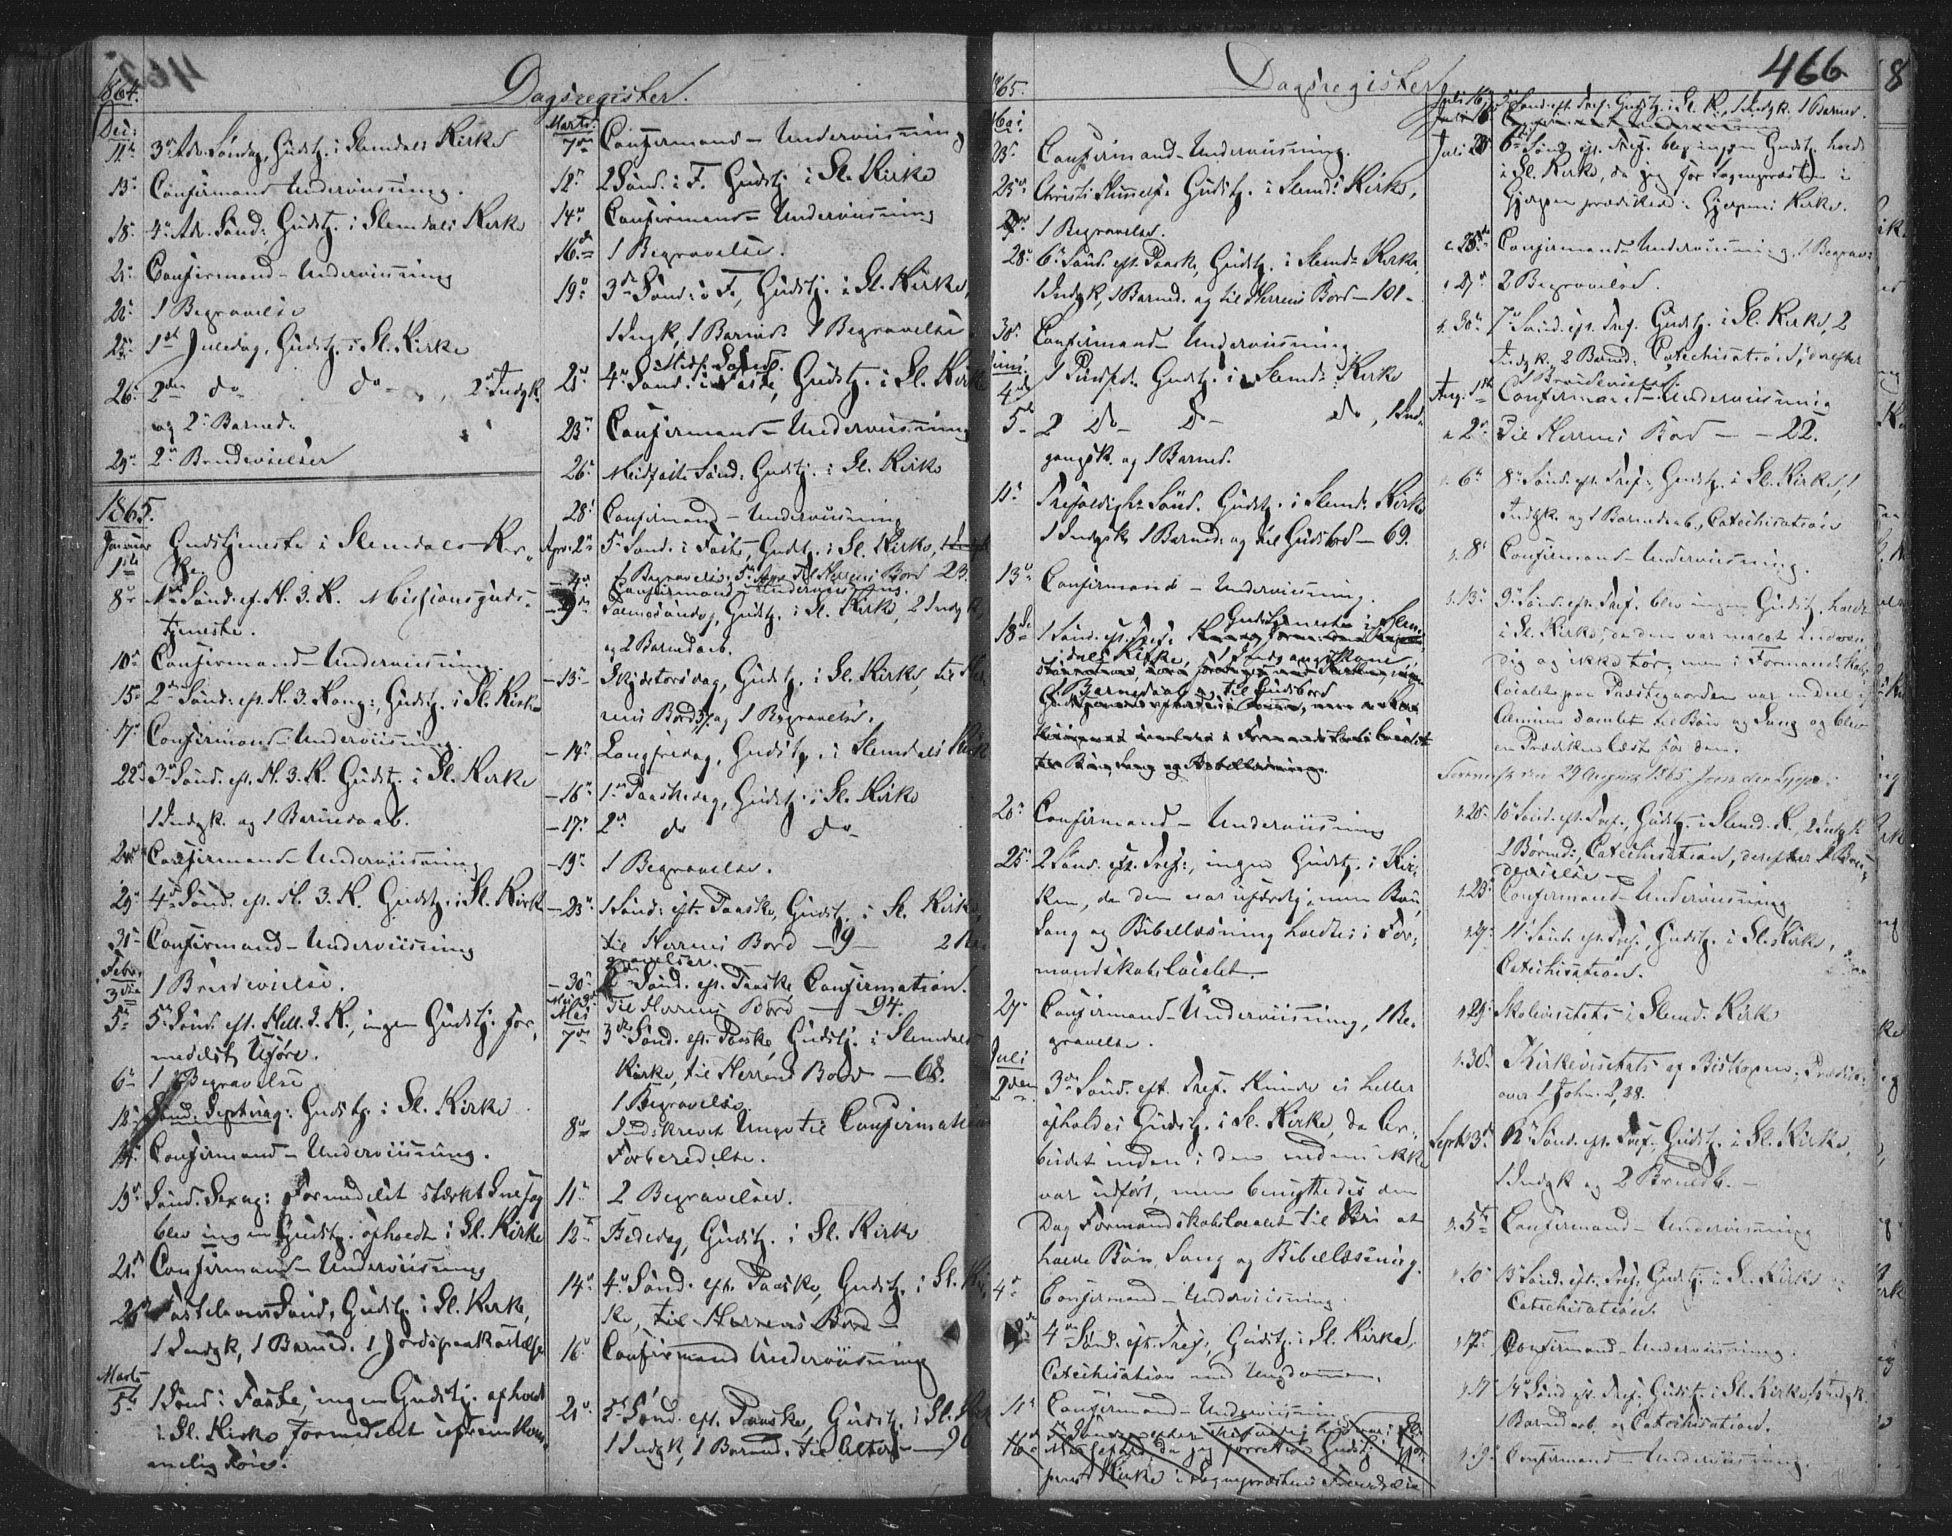 SAKO, Siljan kirkebøker, F/Fa/L0001: Ministerialbok nr. 1, 1831-1870, s. 466